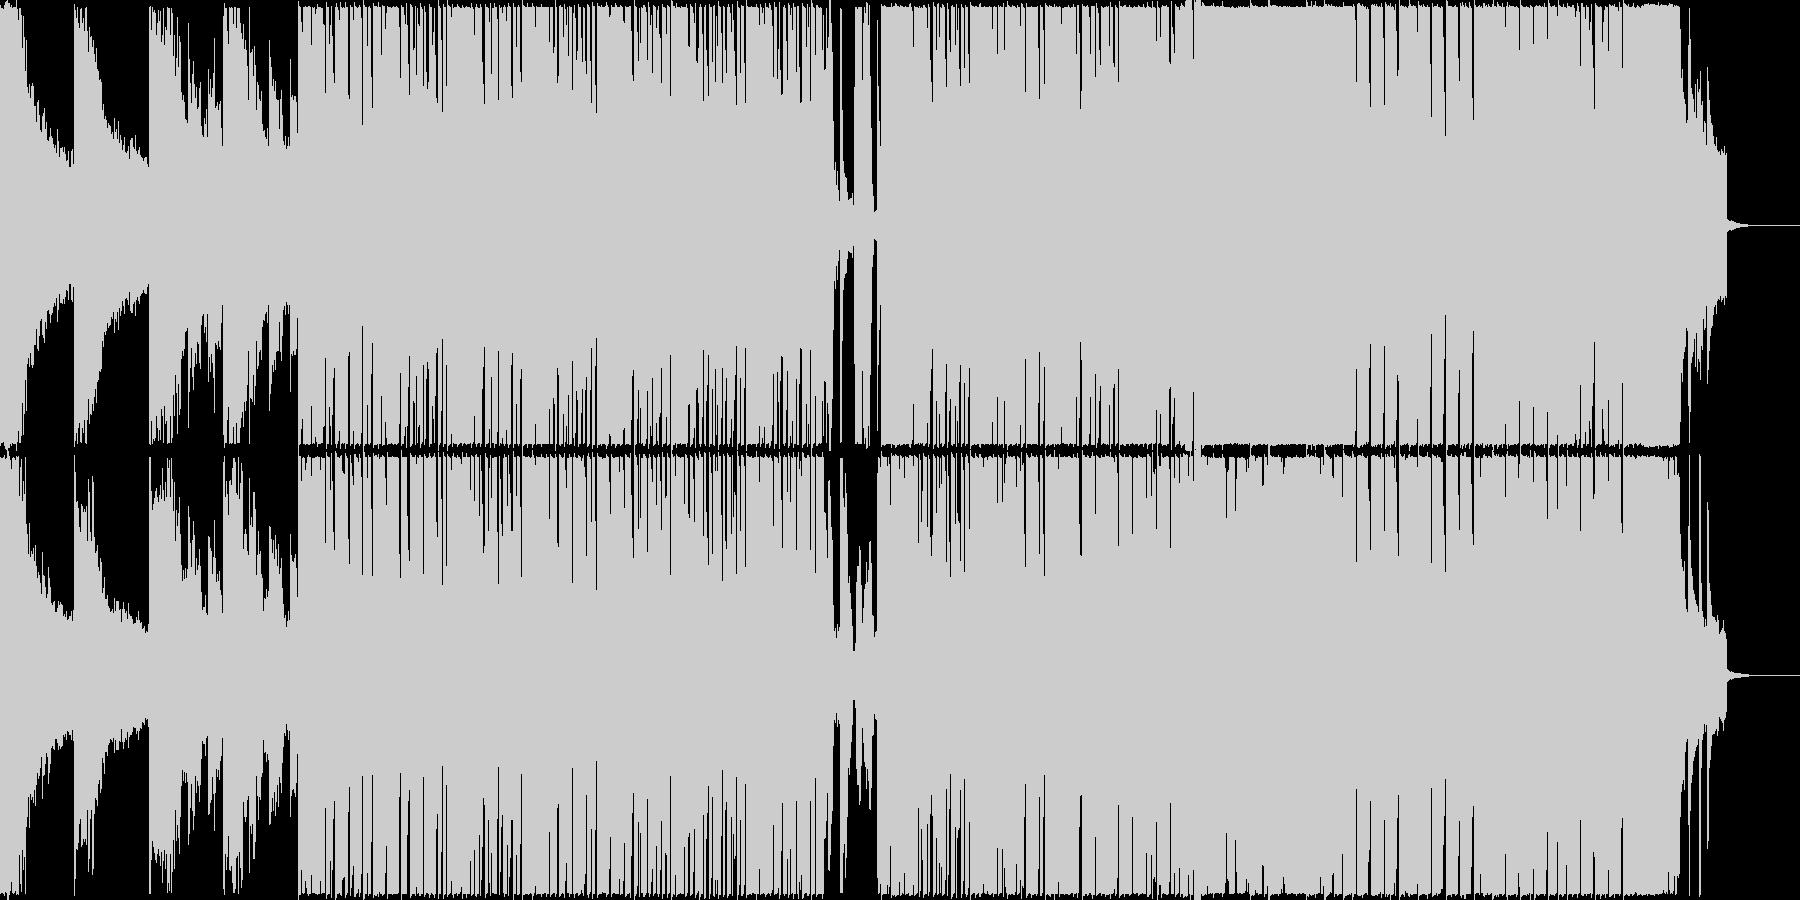 ワクワク ピアノ エレクトロ ハッとするの未再生の波形